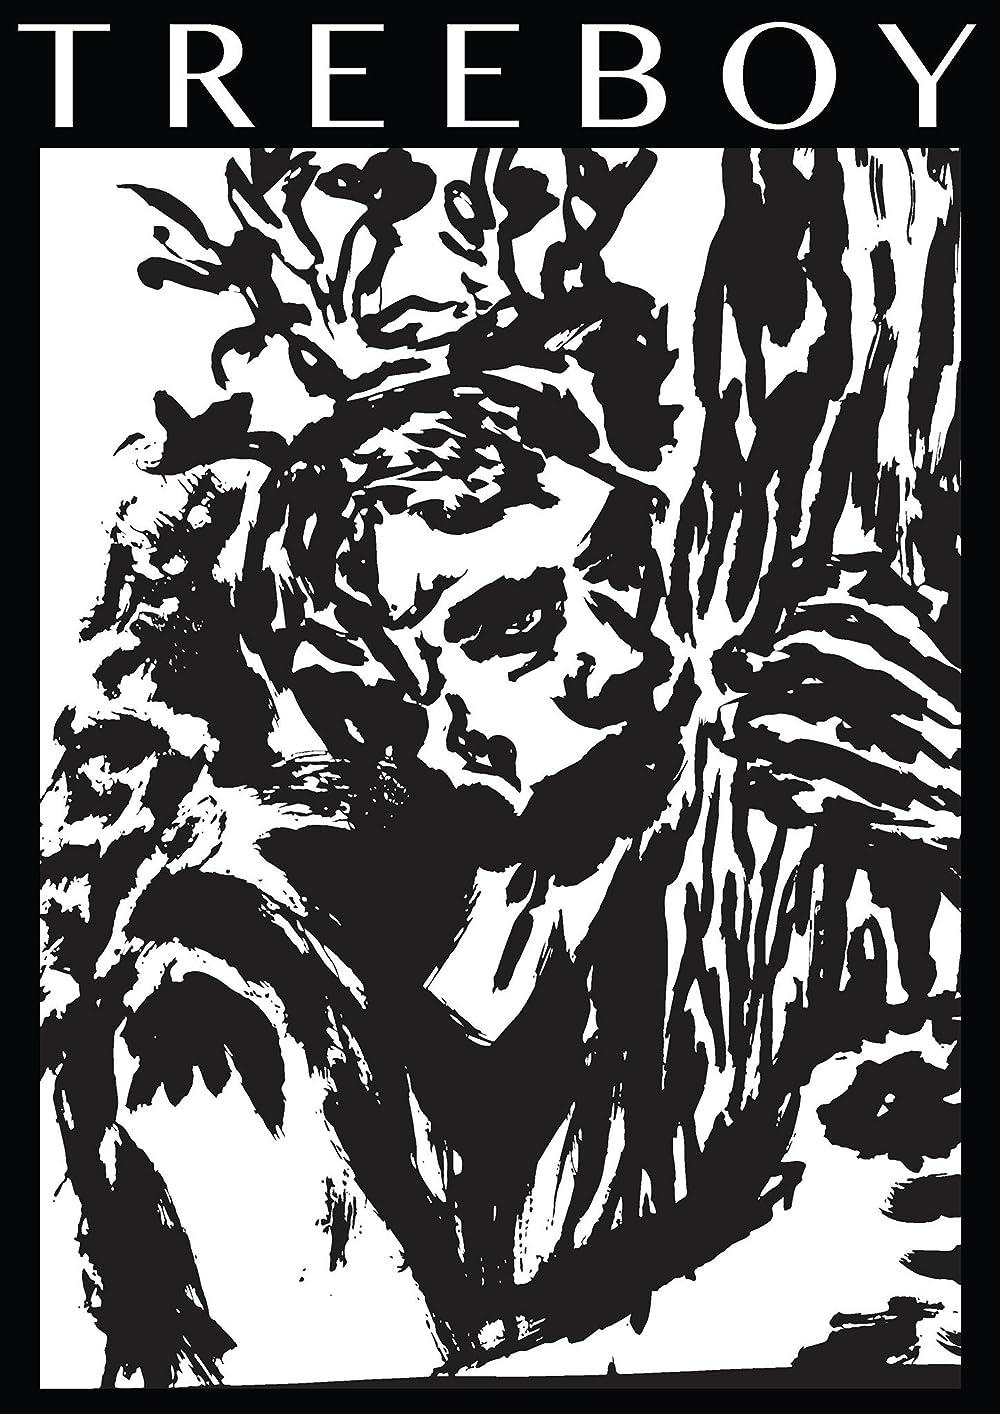 Tree Boy 2018